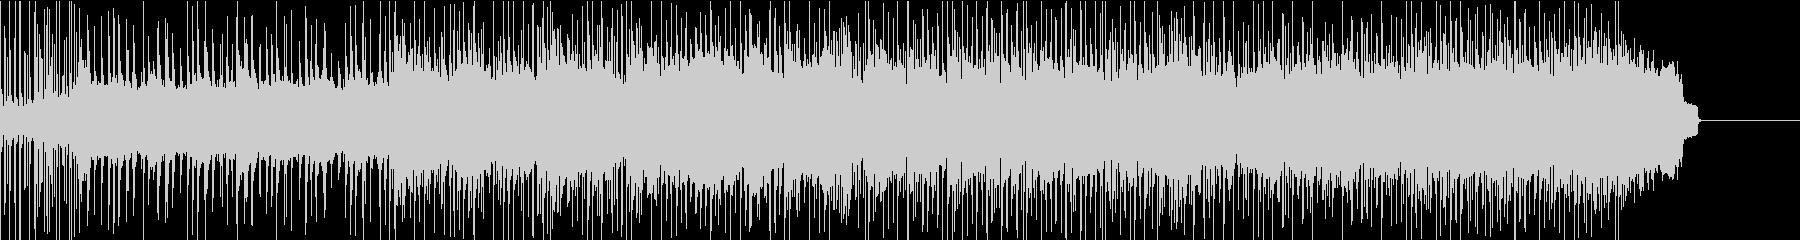 グラマラスなドラムと流れるギターソロの未再生の波形